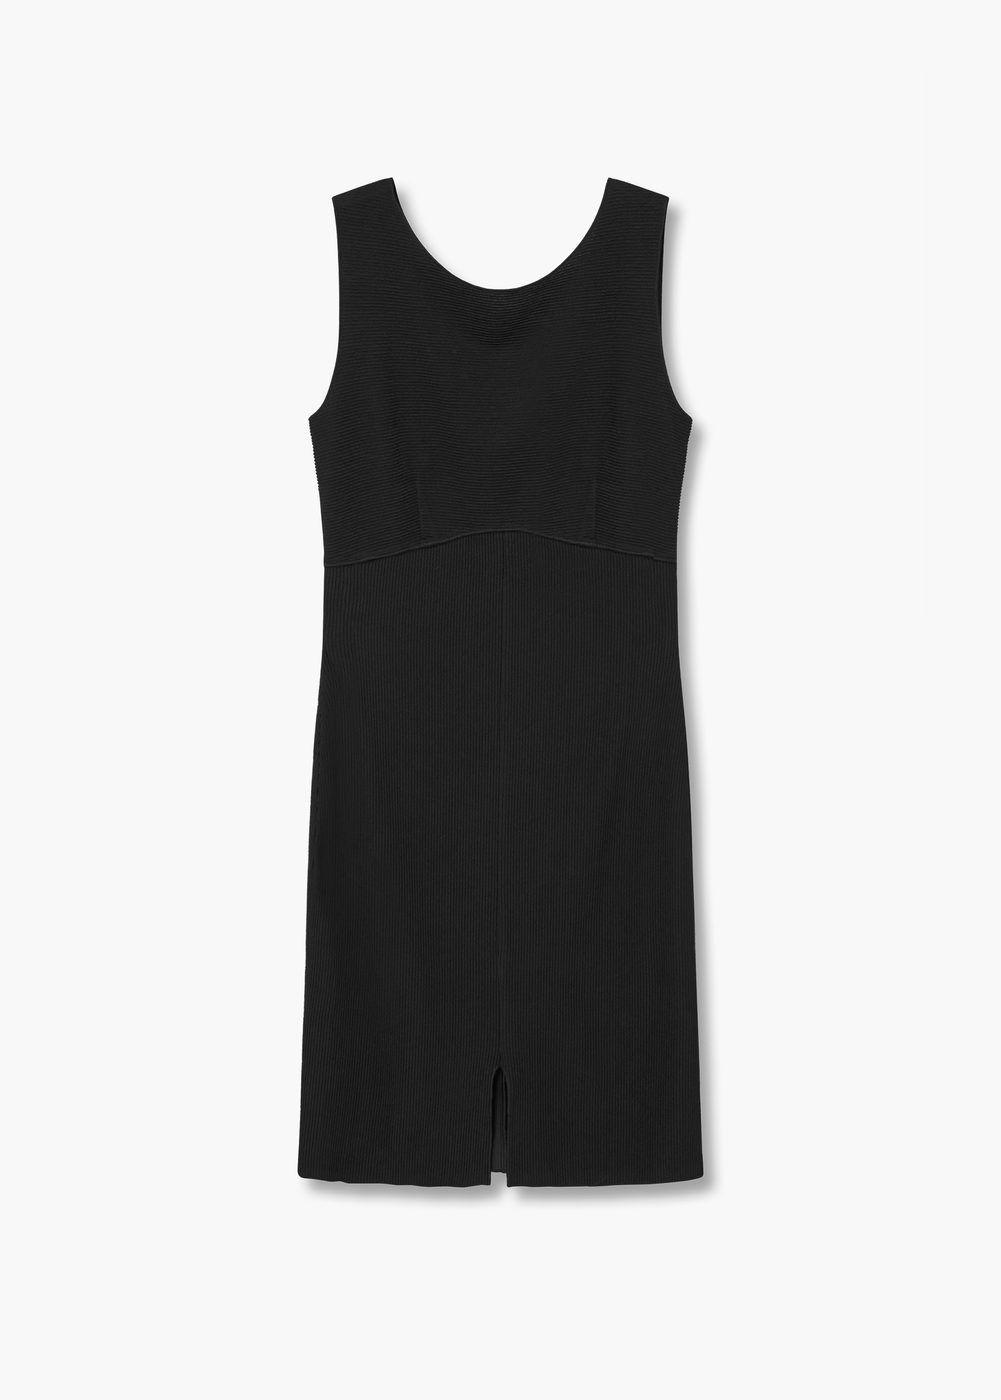 f853cbf1 Vestidos MujerCostura Entallado Textura Vestido Entallados ymN8vw0OnP